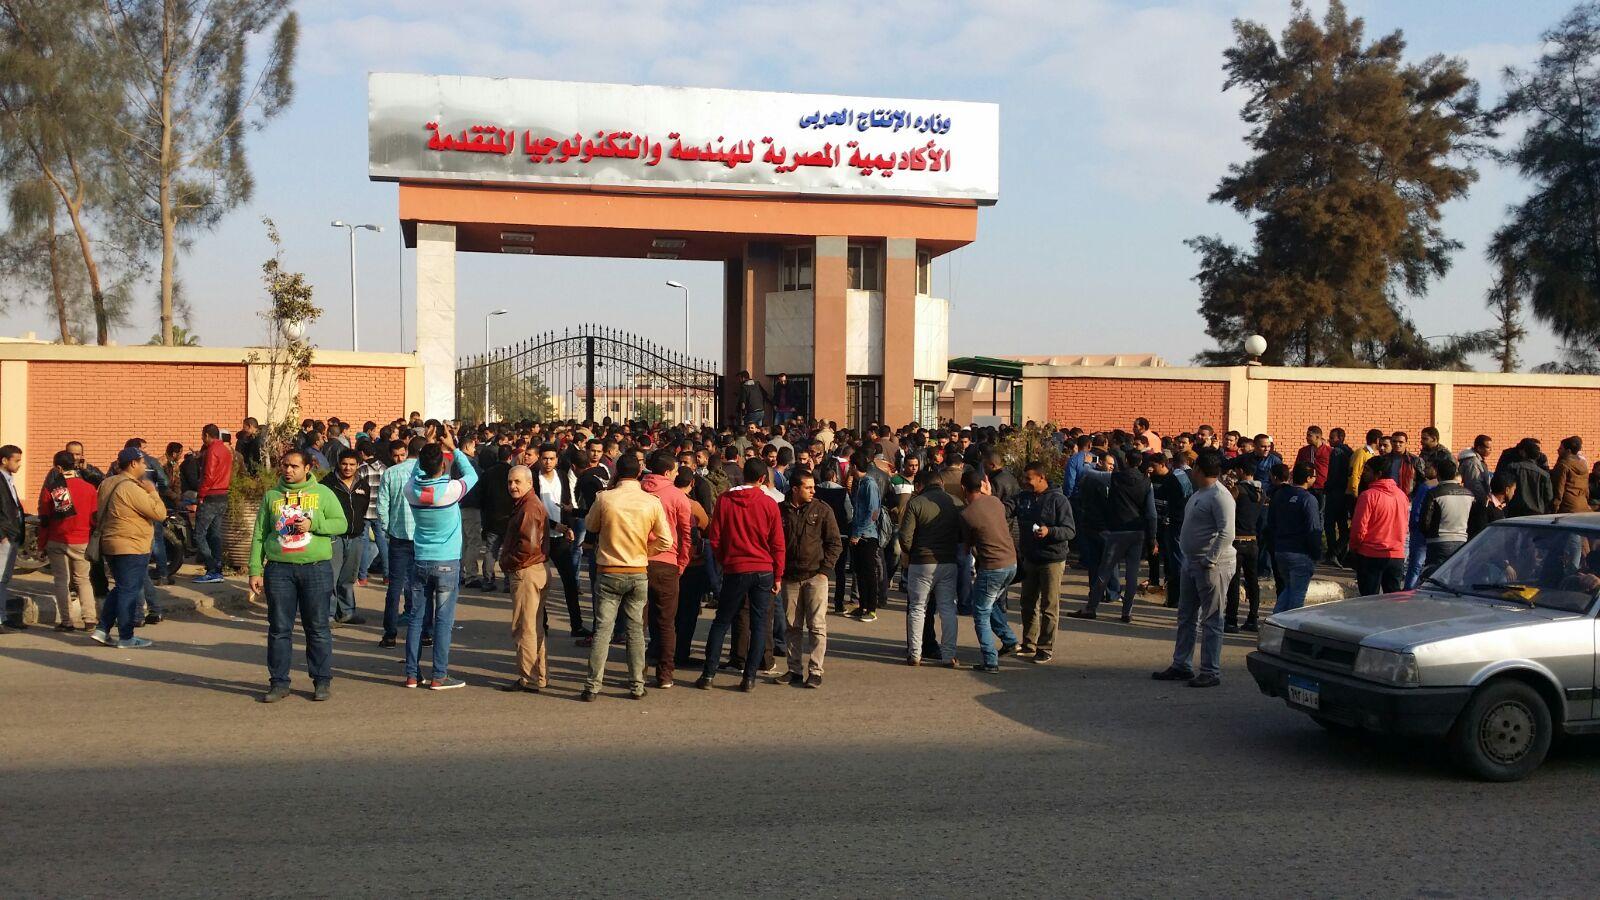 متقدمون لوظائف «الإنتاج الحربي» يتظاهرون بعد إلغاء اختبارات التعيين